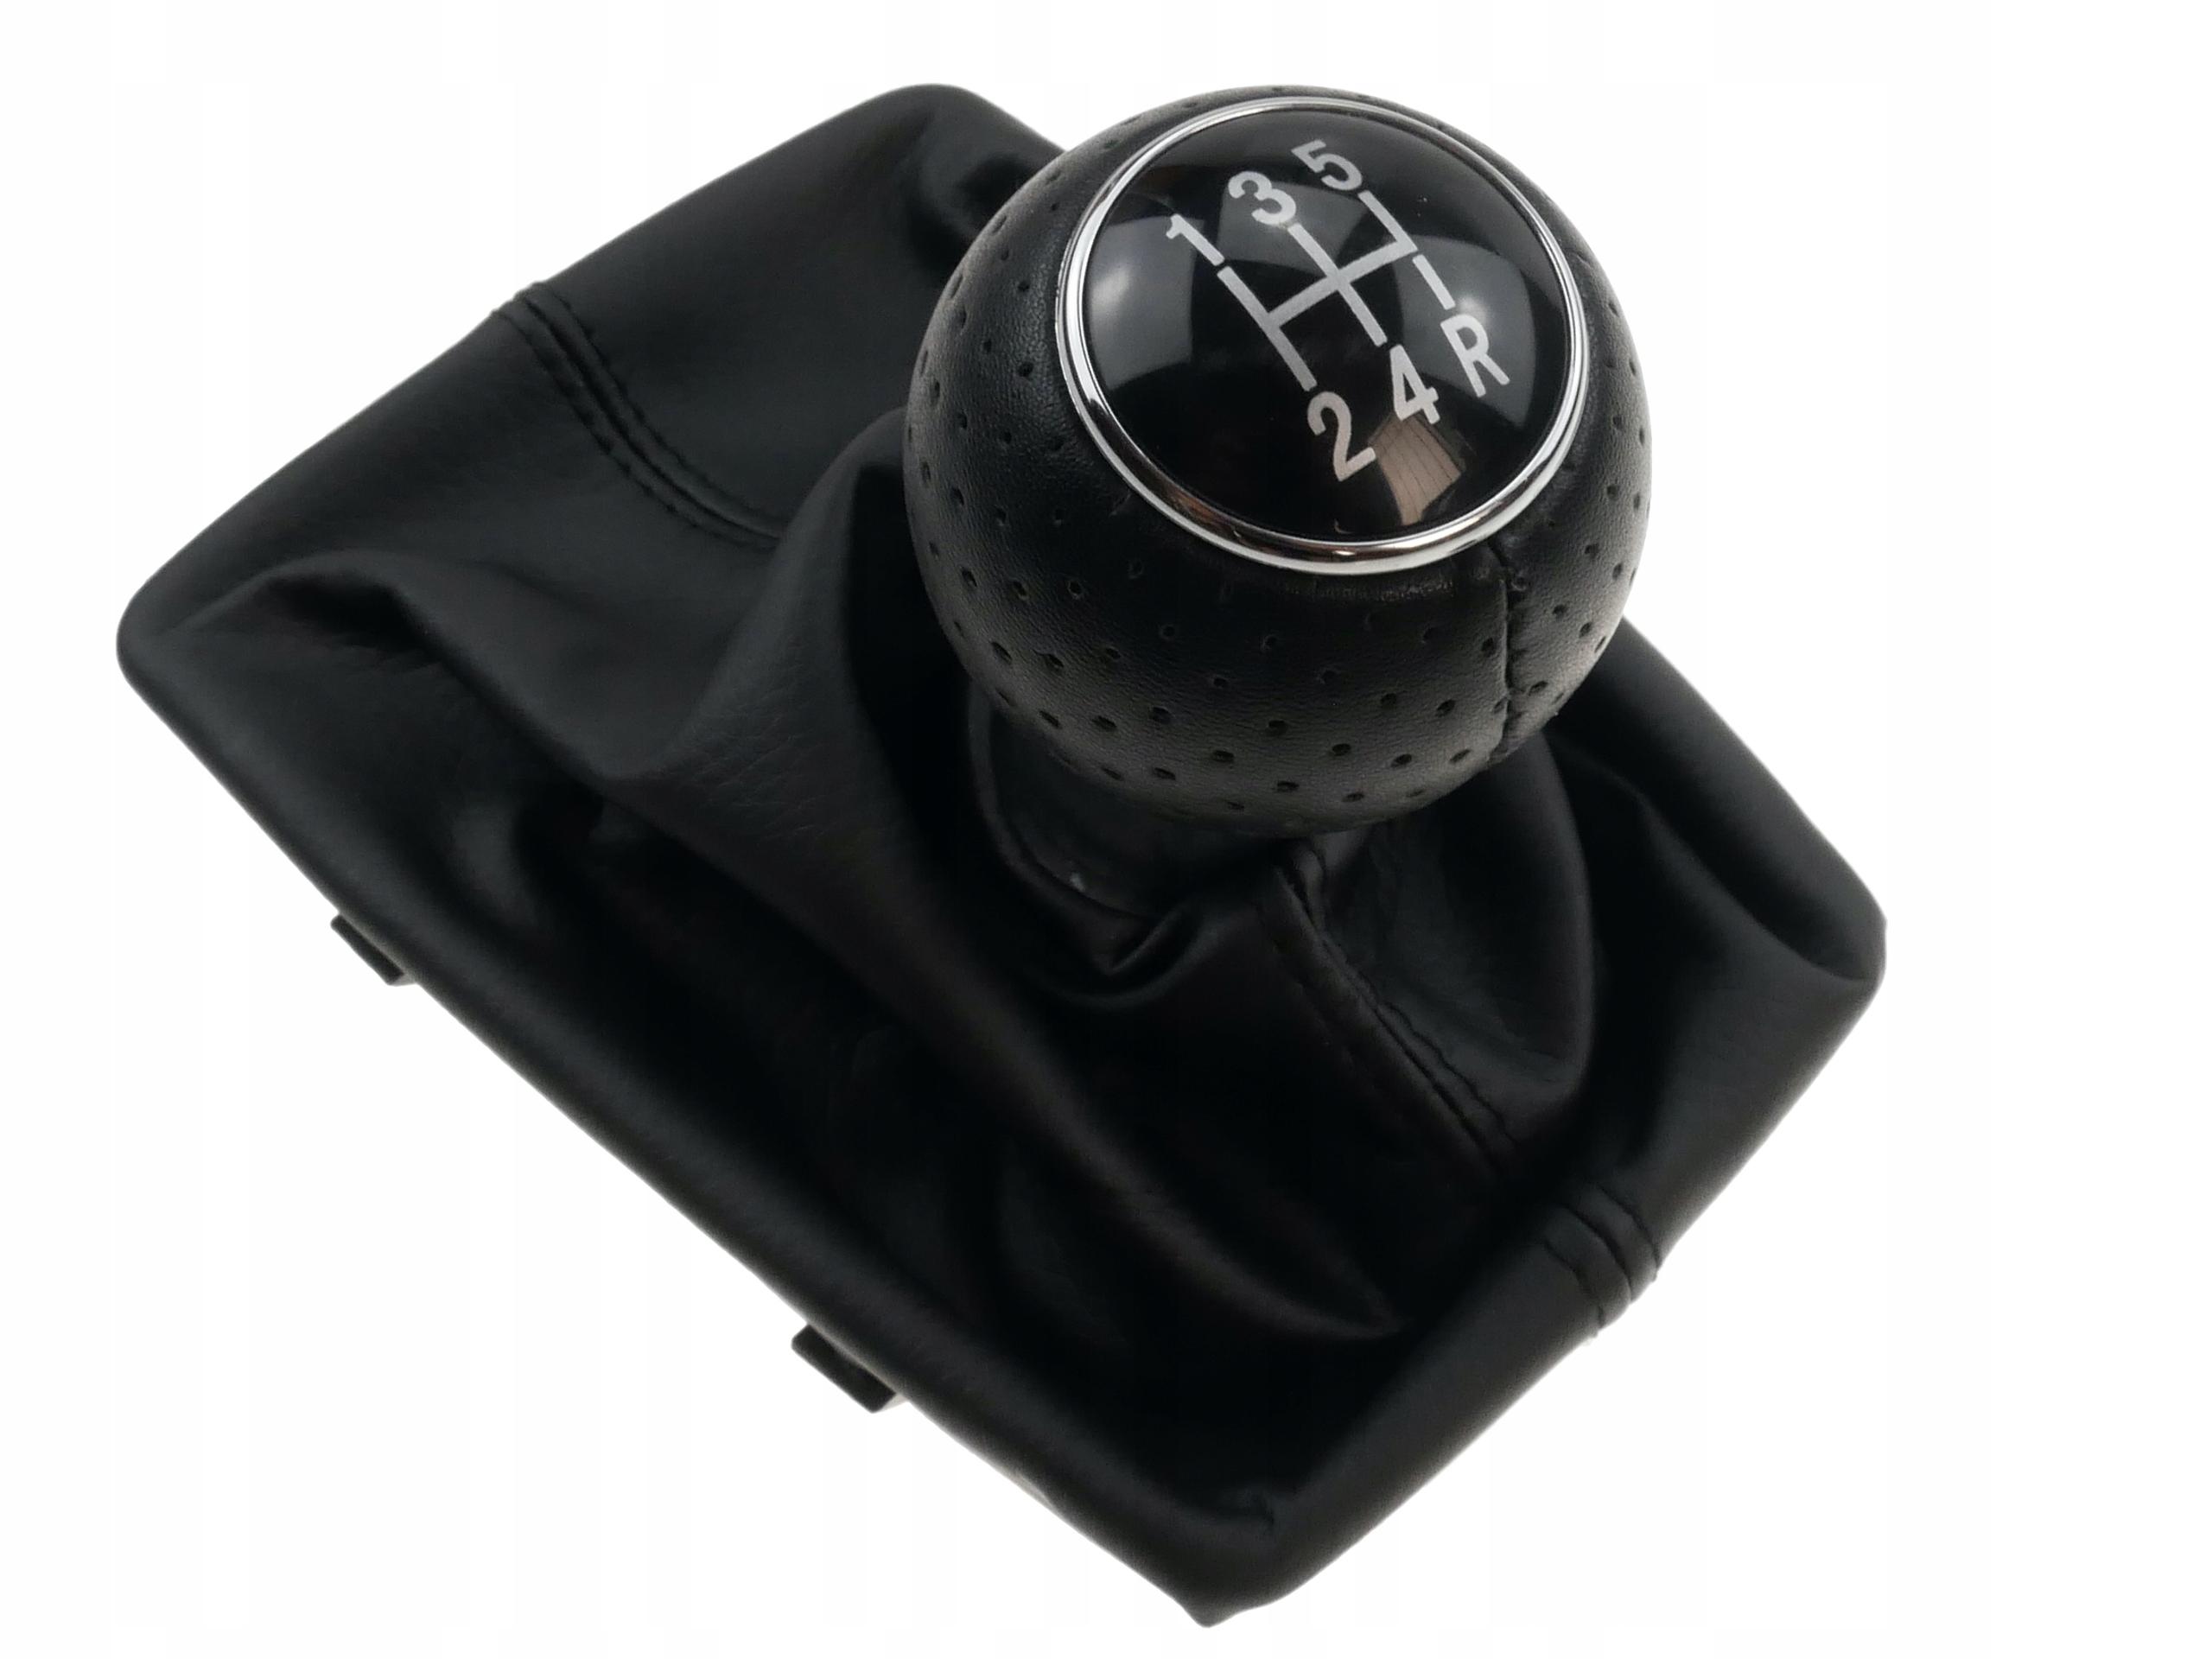 ручка 5 изменения передач z сильфоном к audi a4 b6 b7